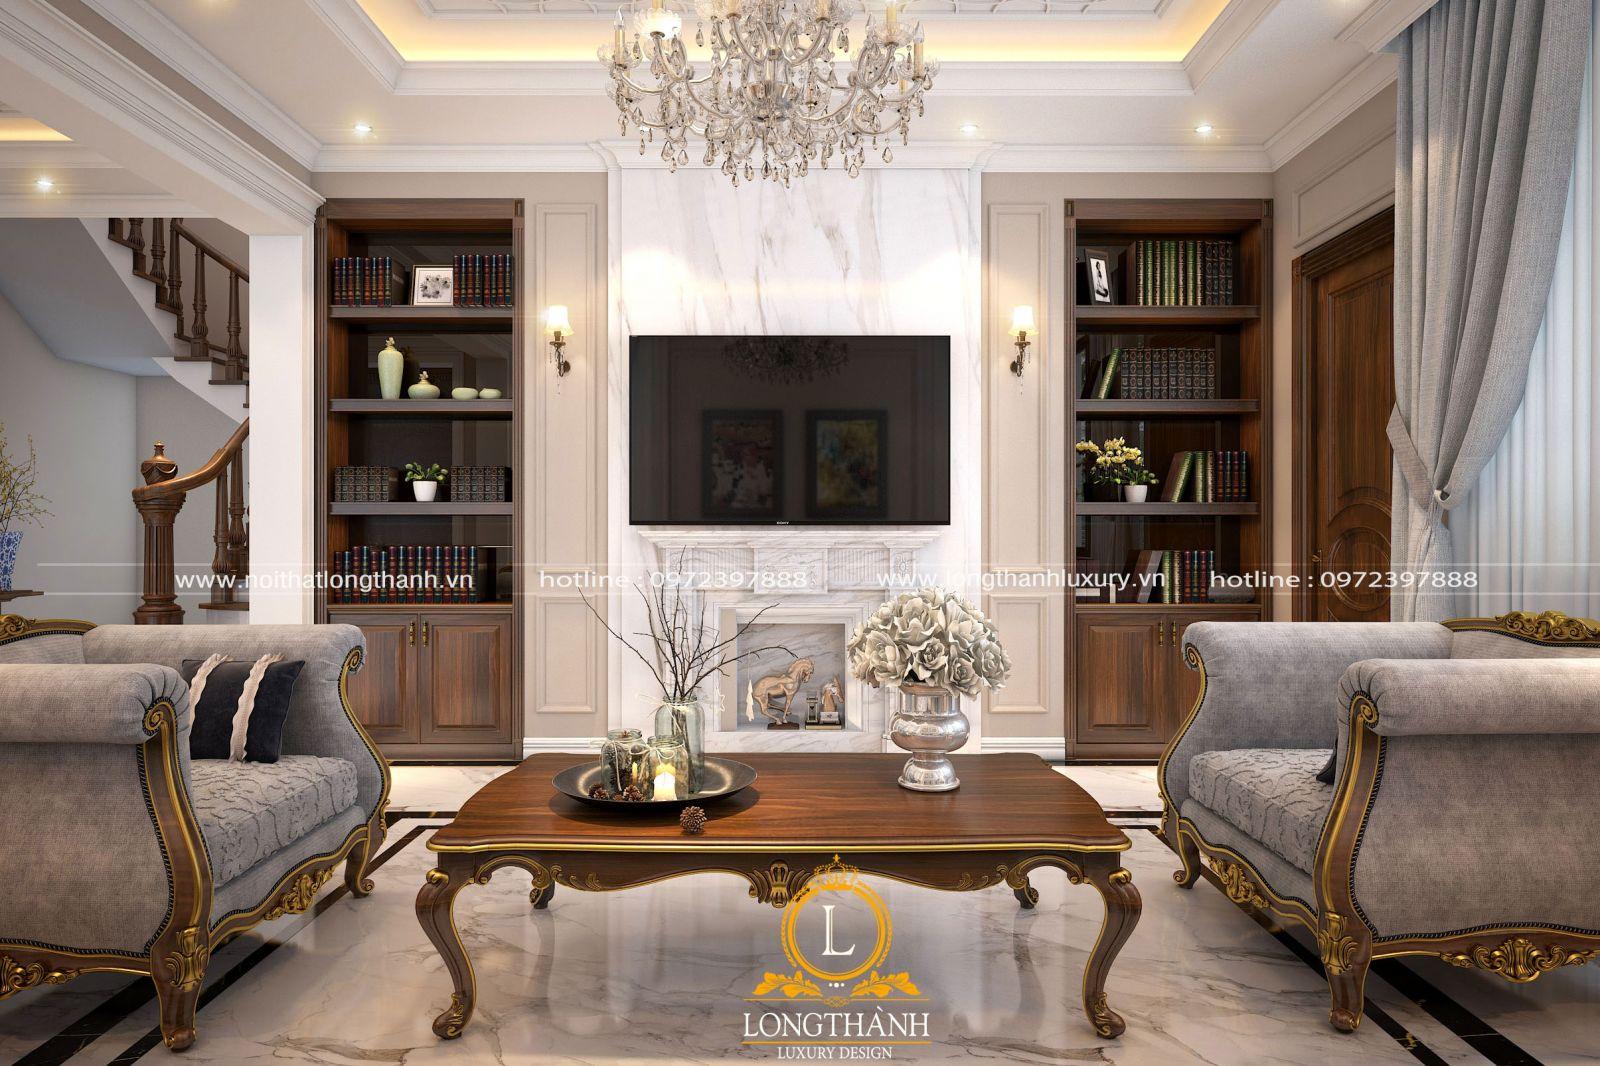 Không gian phòng khách -biệt thự độc đáo